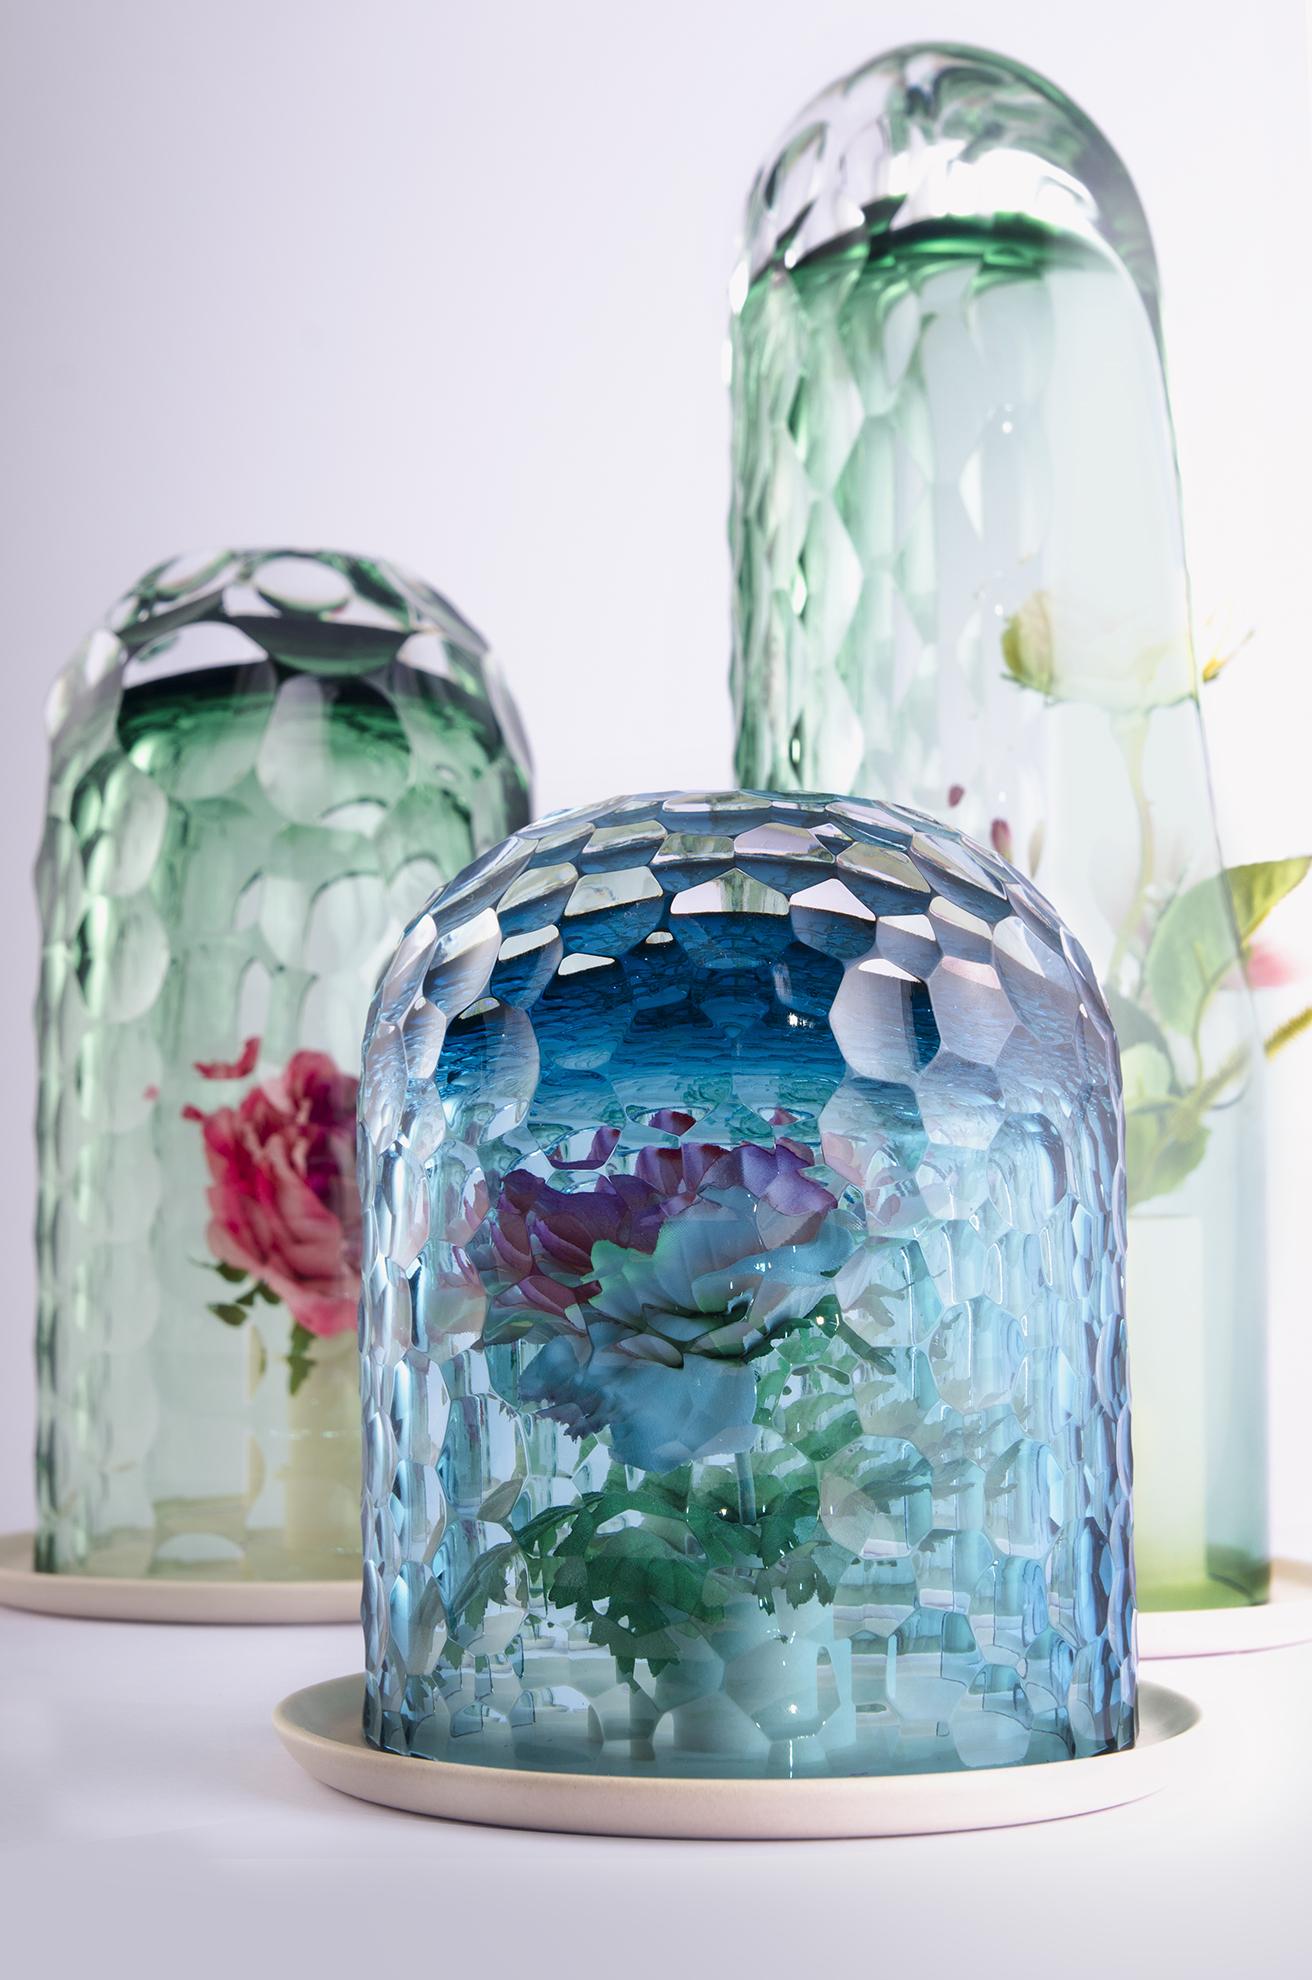 OP-Vase by Bilge Nur Saltik, showcased at Form&Seek's space at Milan Design Week 2016